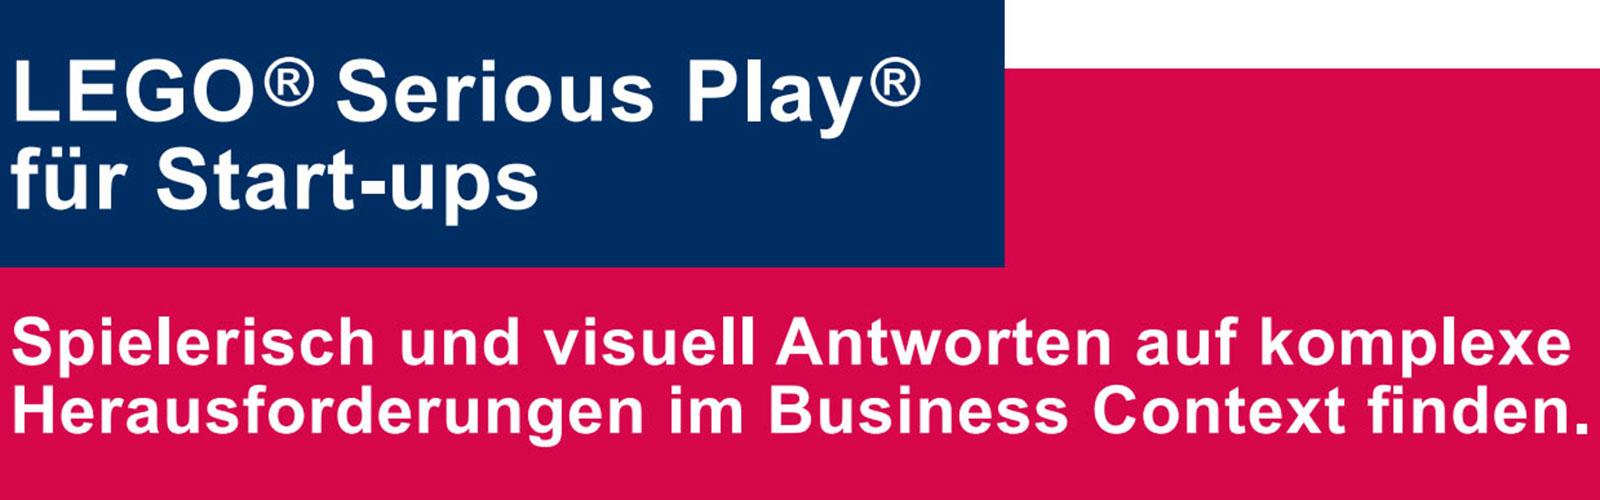 LEGO® Serious Play® für Start-ups @ online